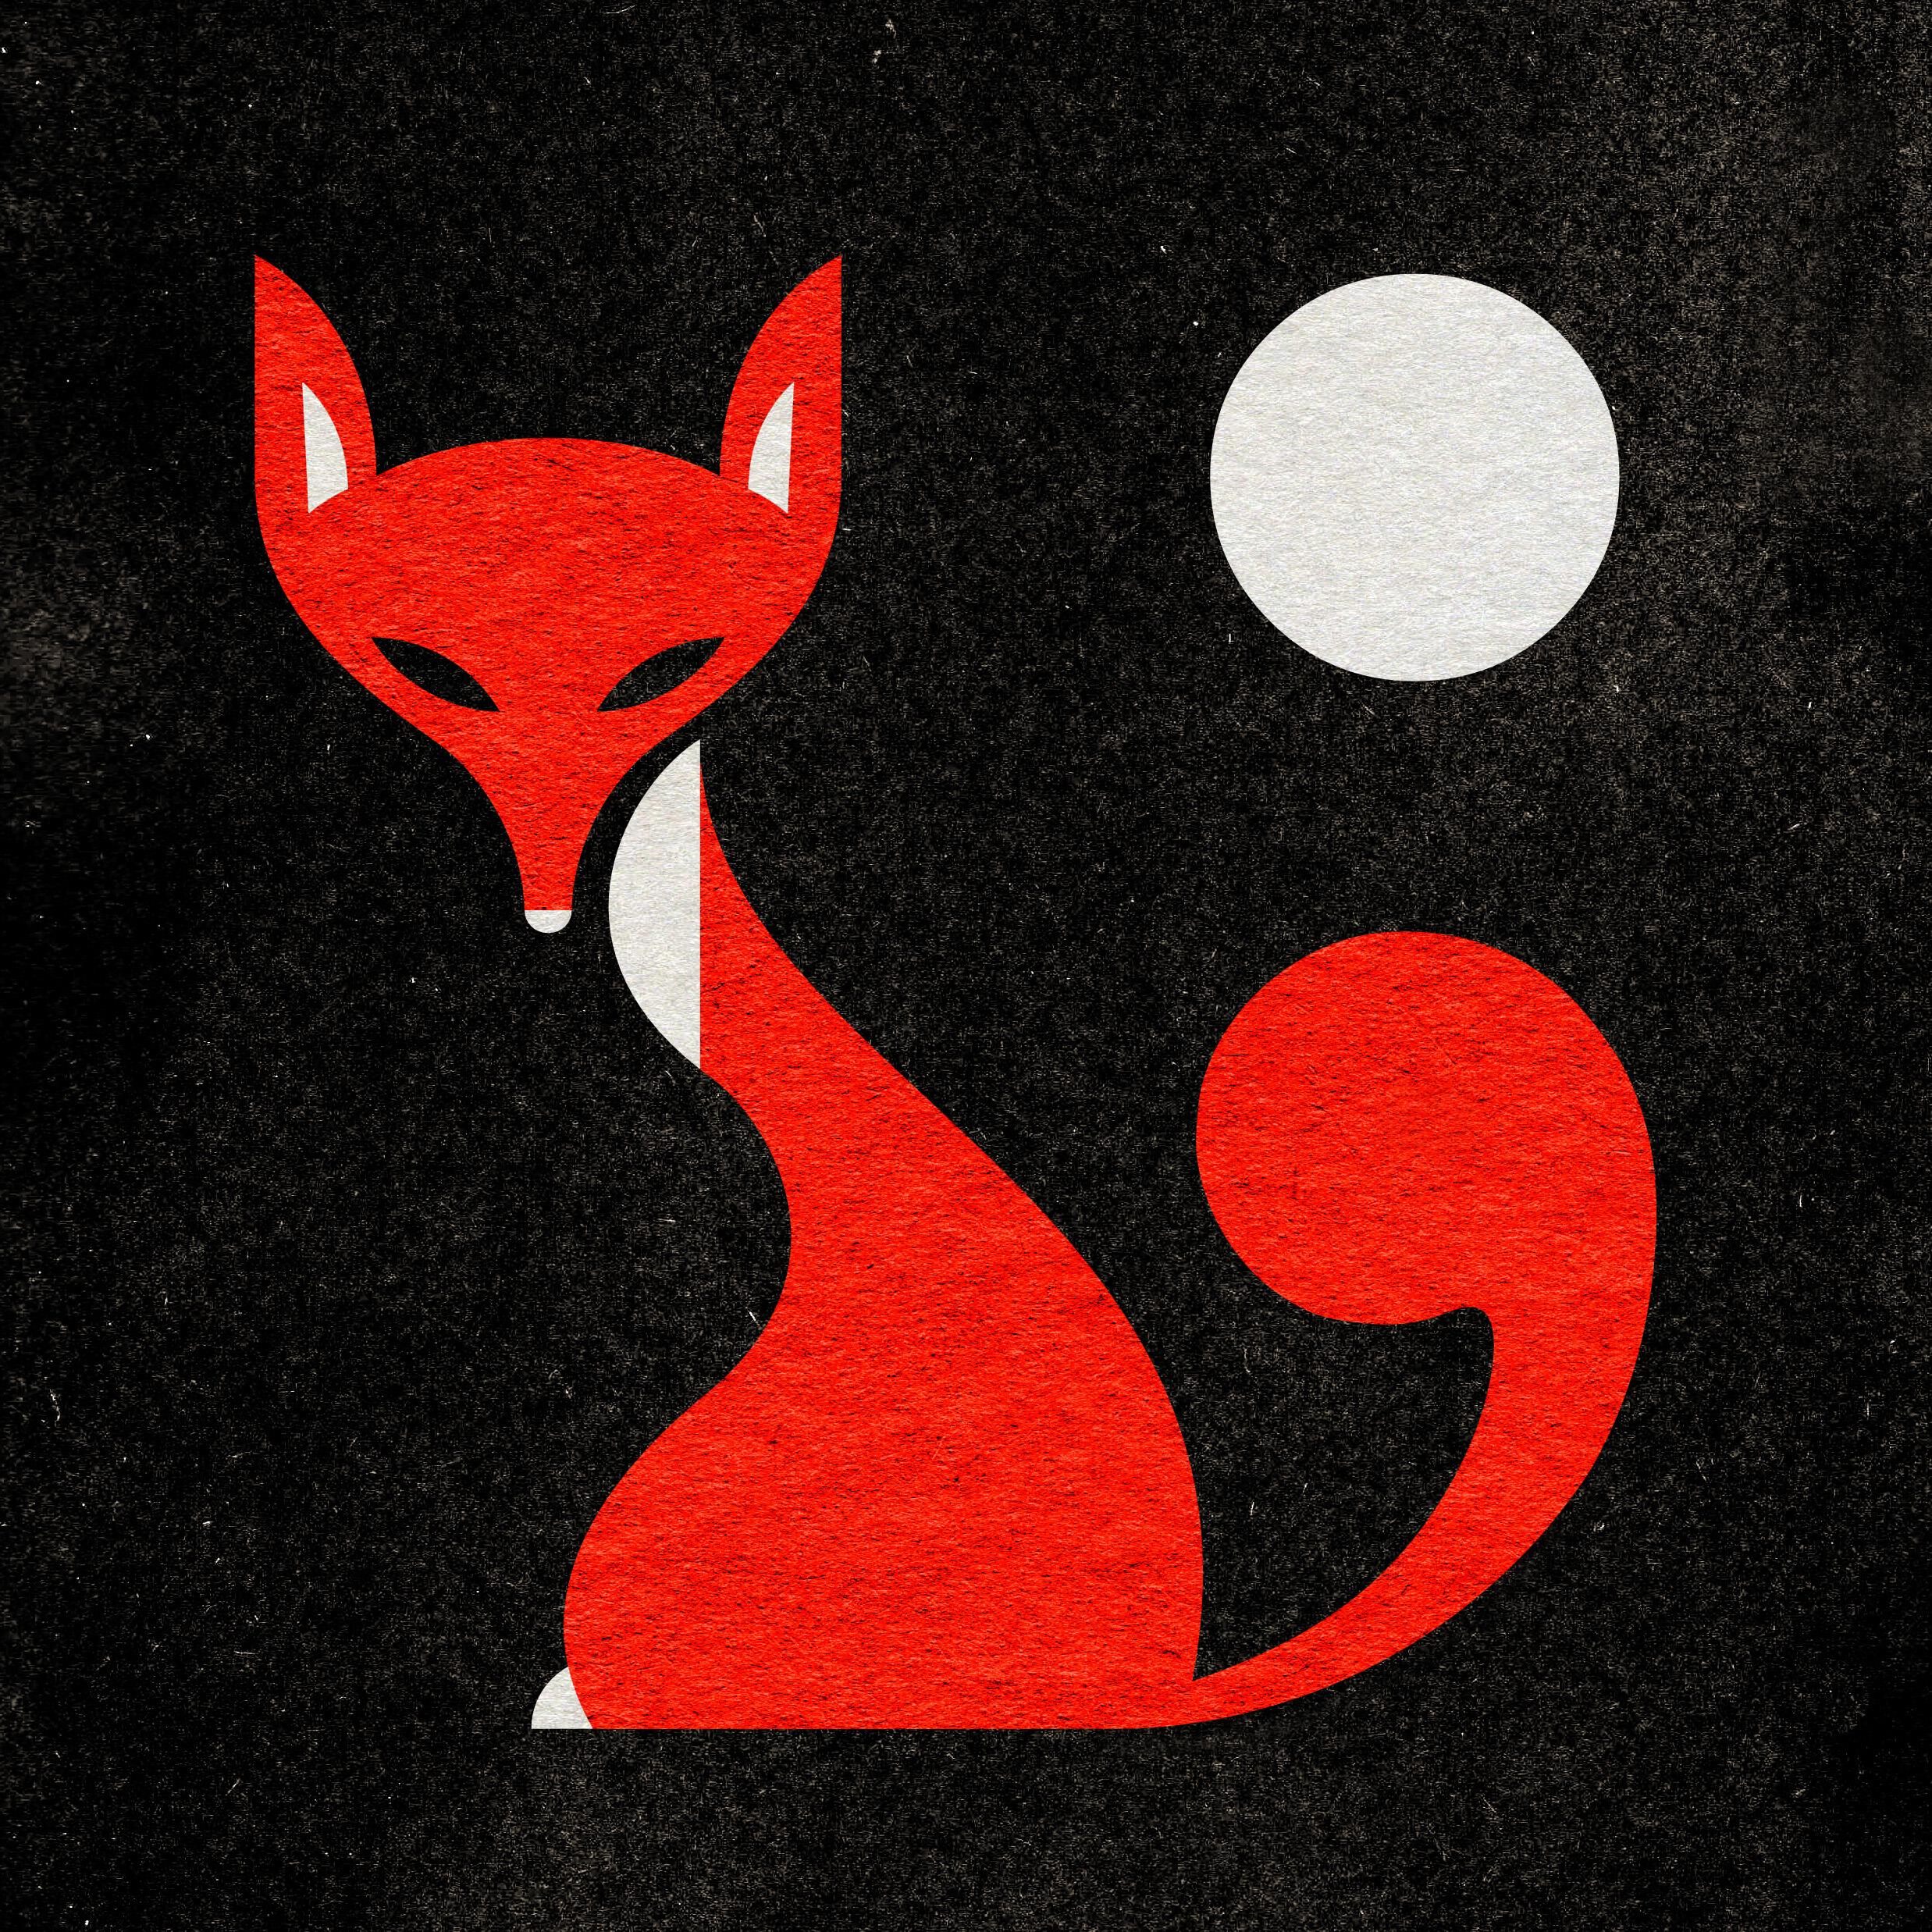 foxmoonsemicoloncopy.jpg